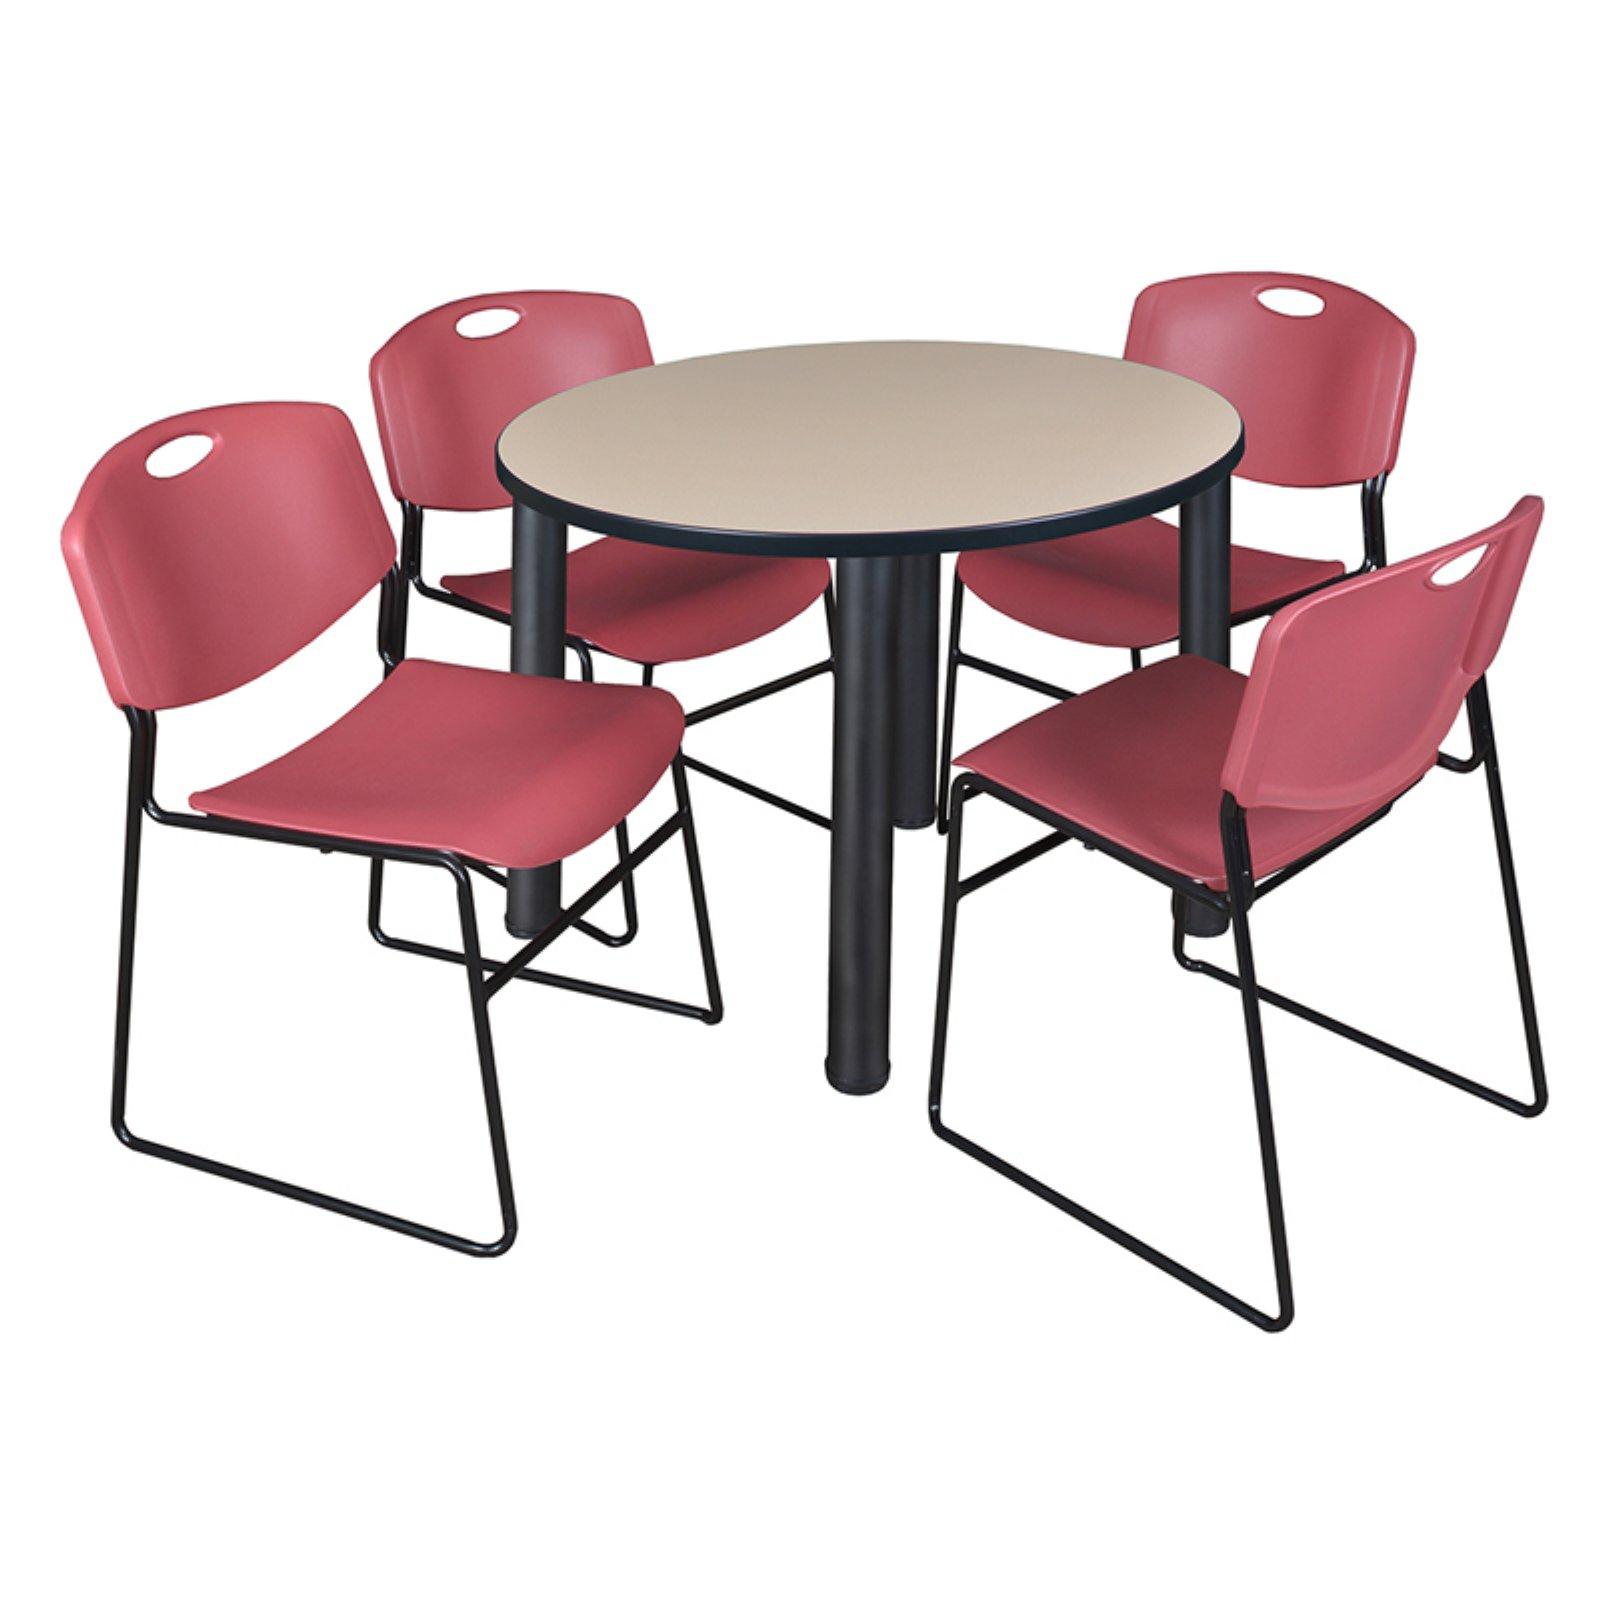 Recent Regency Kee Round Beige Breakroom Table With 4 Stackable With Round Breakroom Tables And Chair Set (View 5 of 20)